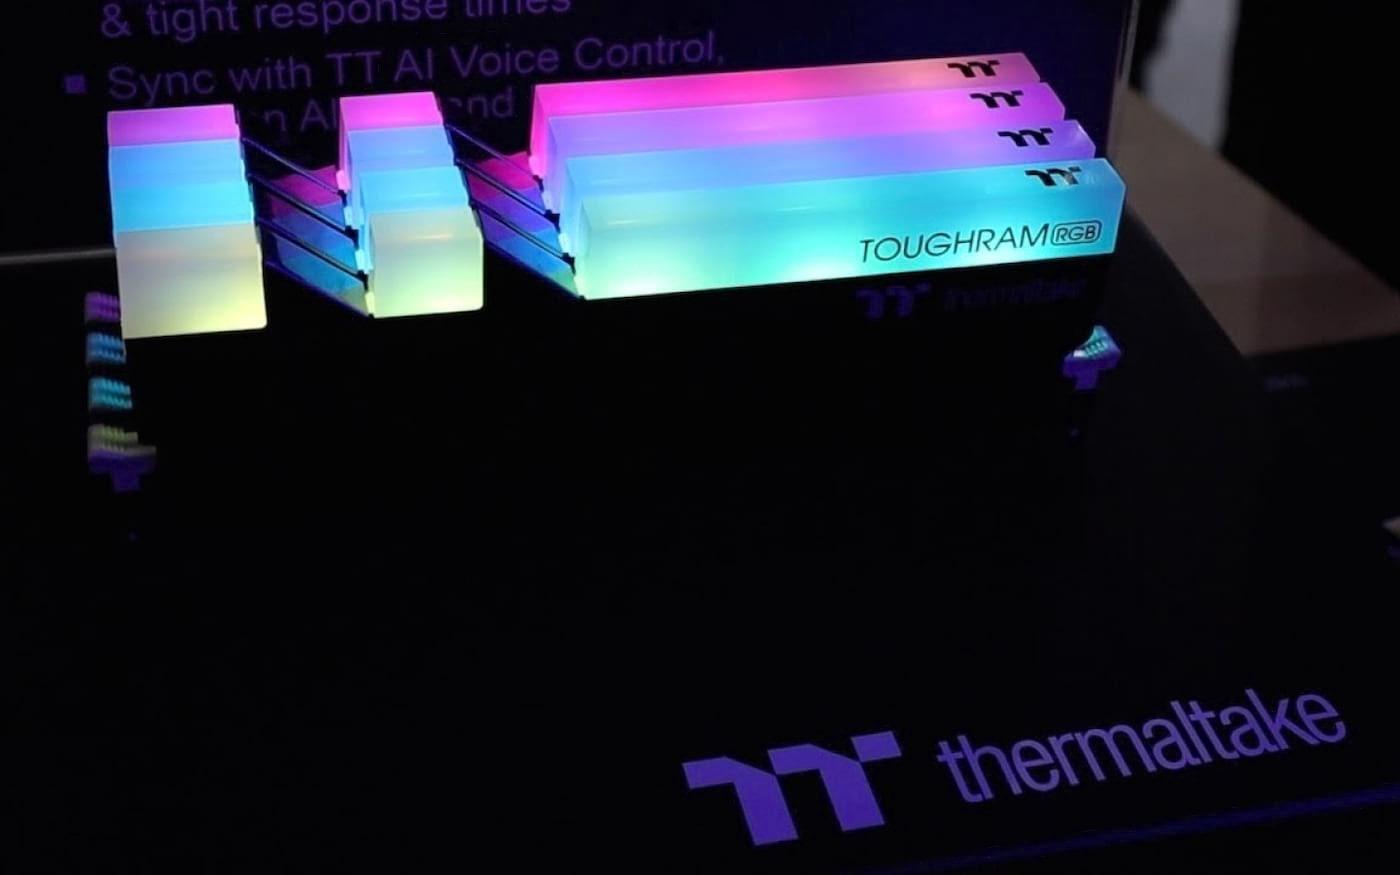 Thermaltake anuncia memórias DDR4 ToughRAM com e sem RGB em diferentes velocidades